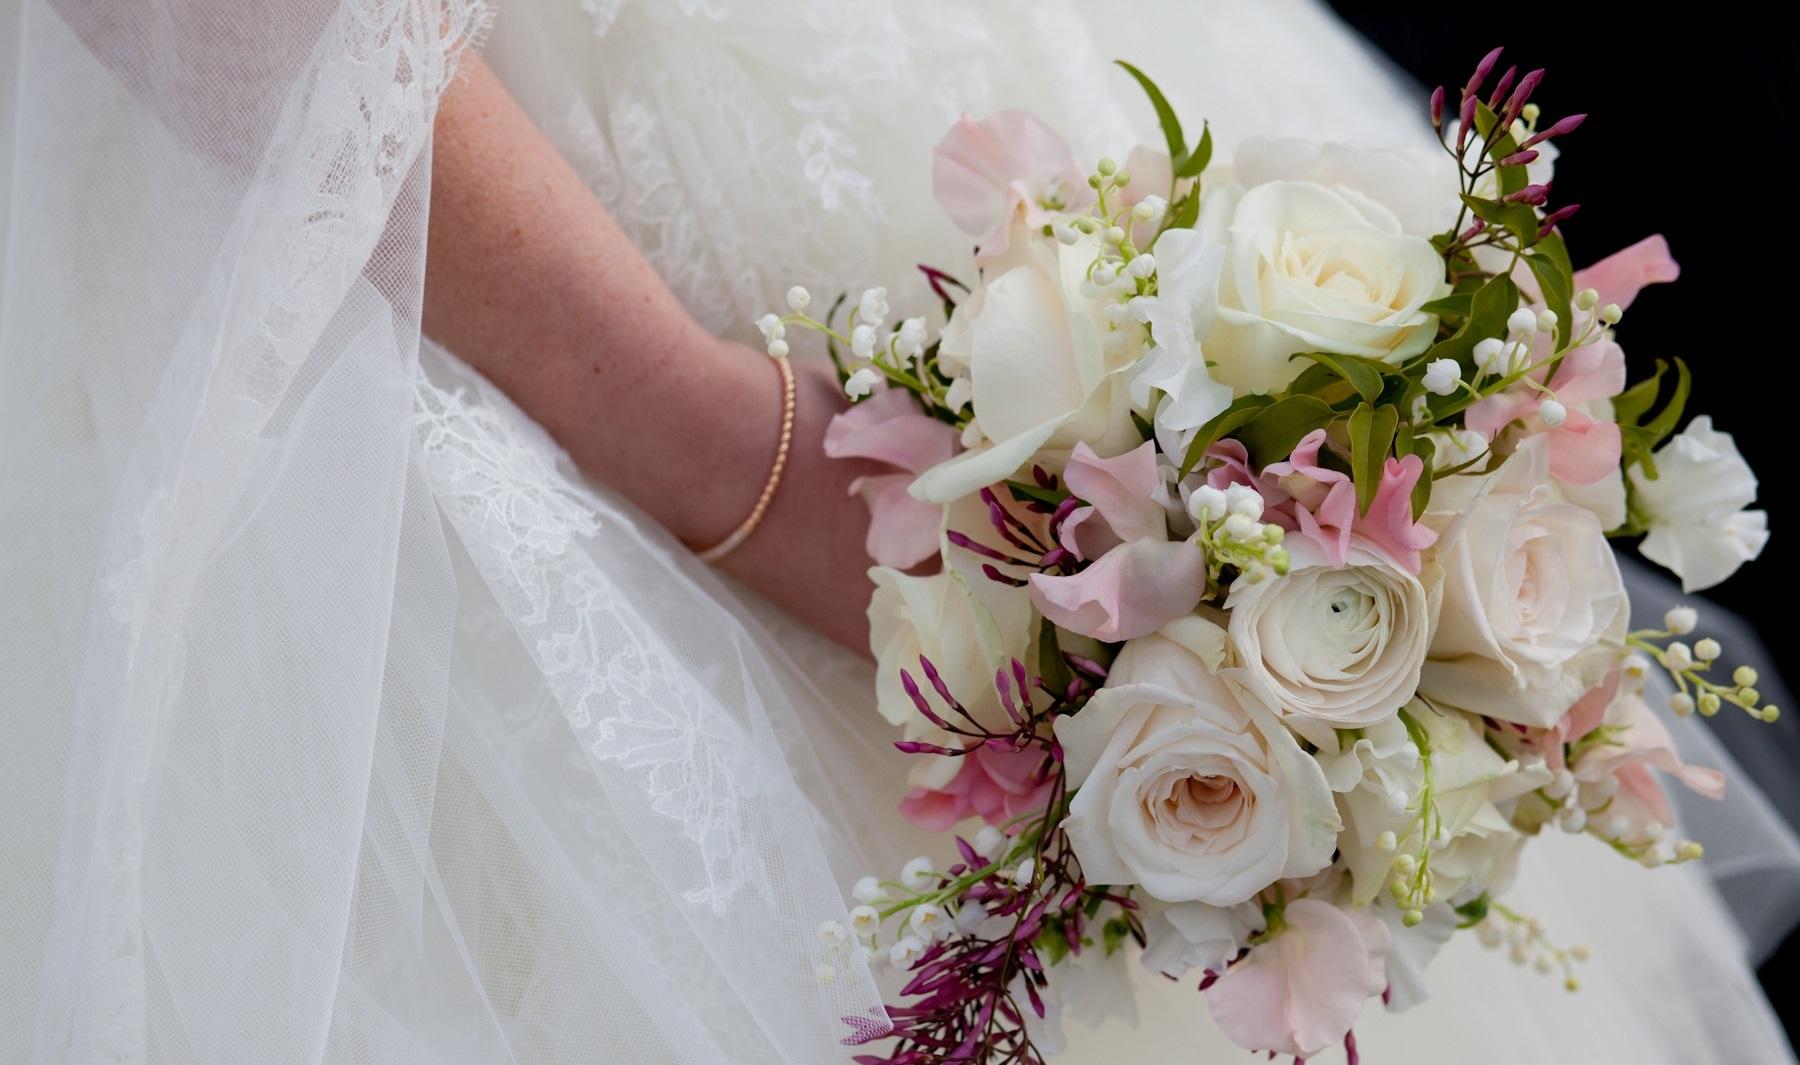 Bruidsboeket pasteltinten